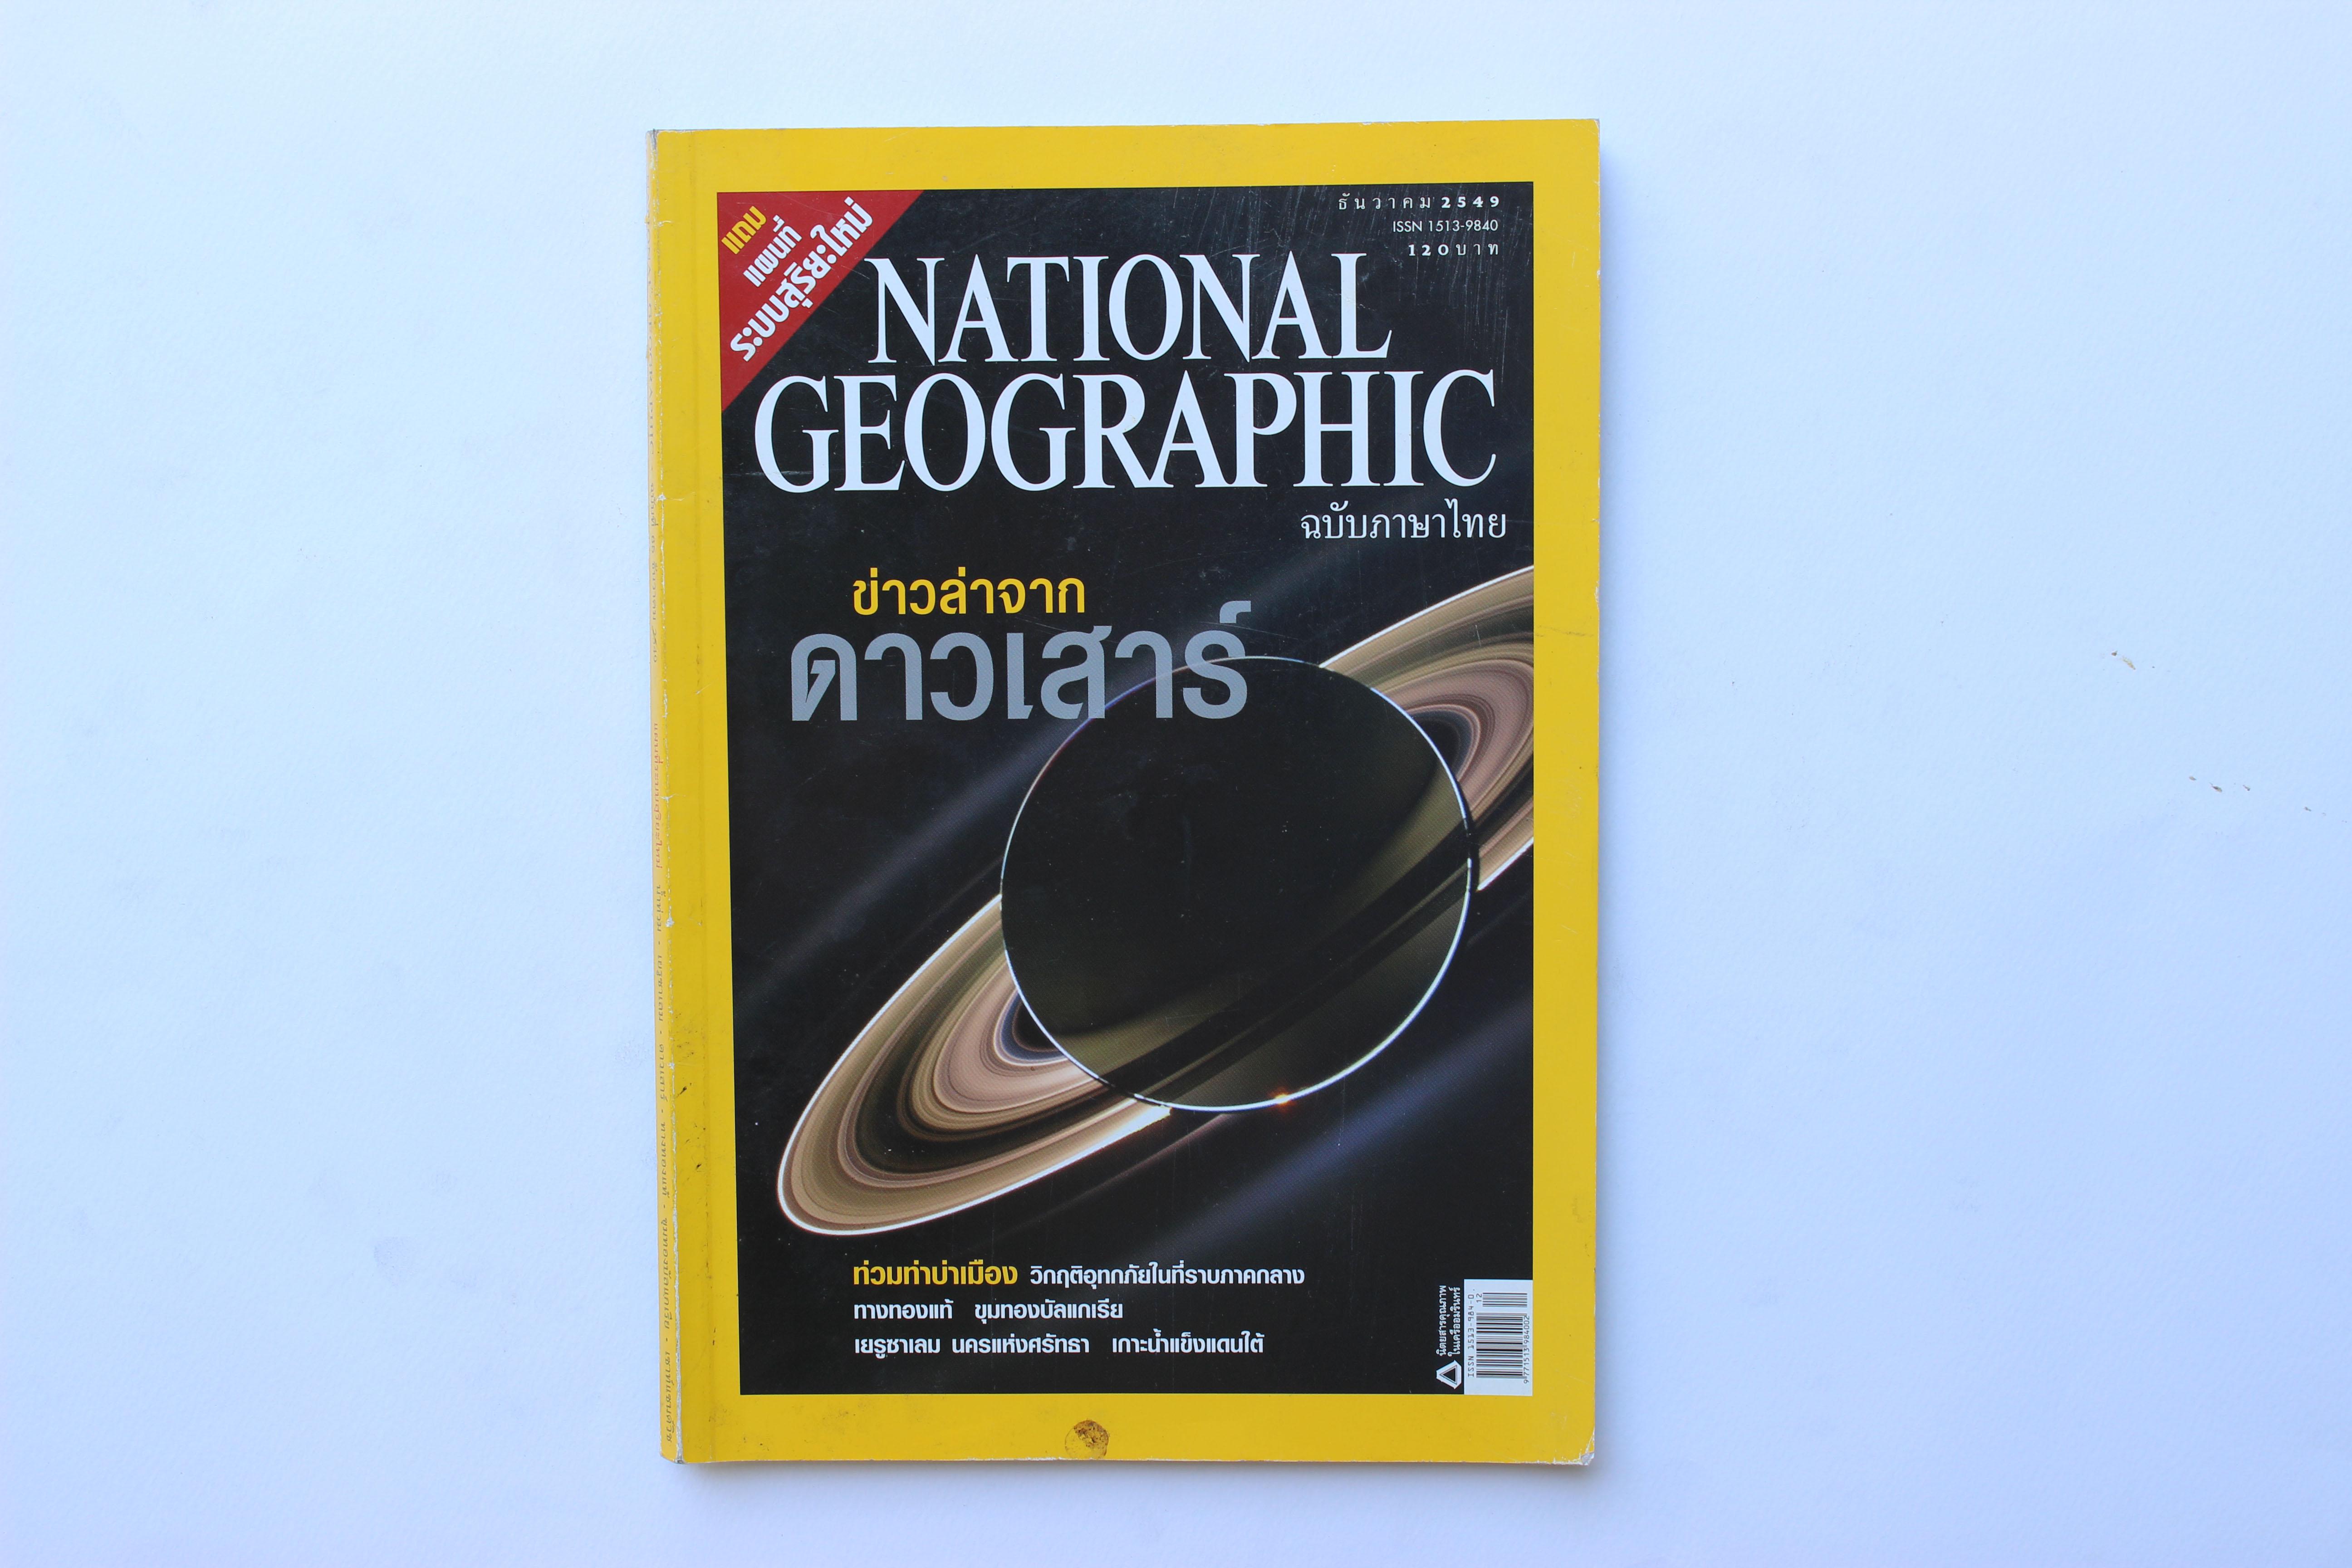 ์NATIONAL GEOGRAPHIC ฉบับภาษาไทย ธันวาคม 2549 ข่าวล่าจากดาวเสาร์ *** (สินค้าหมดแล้ว)